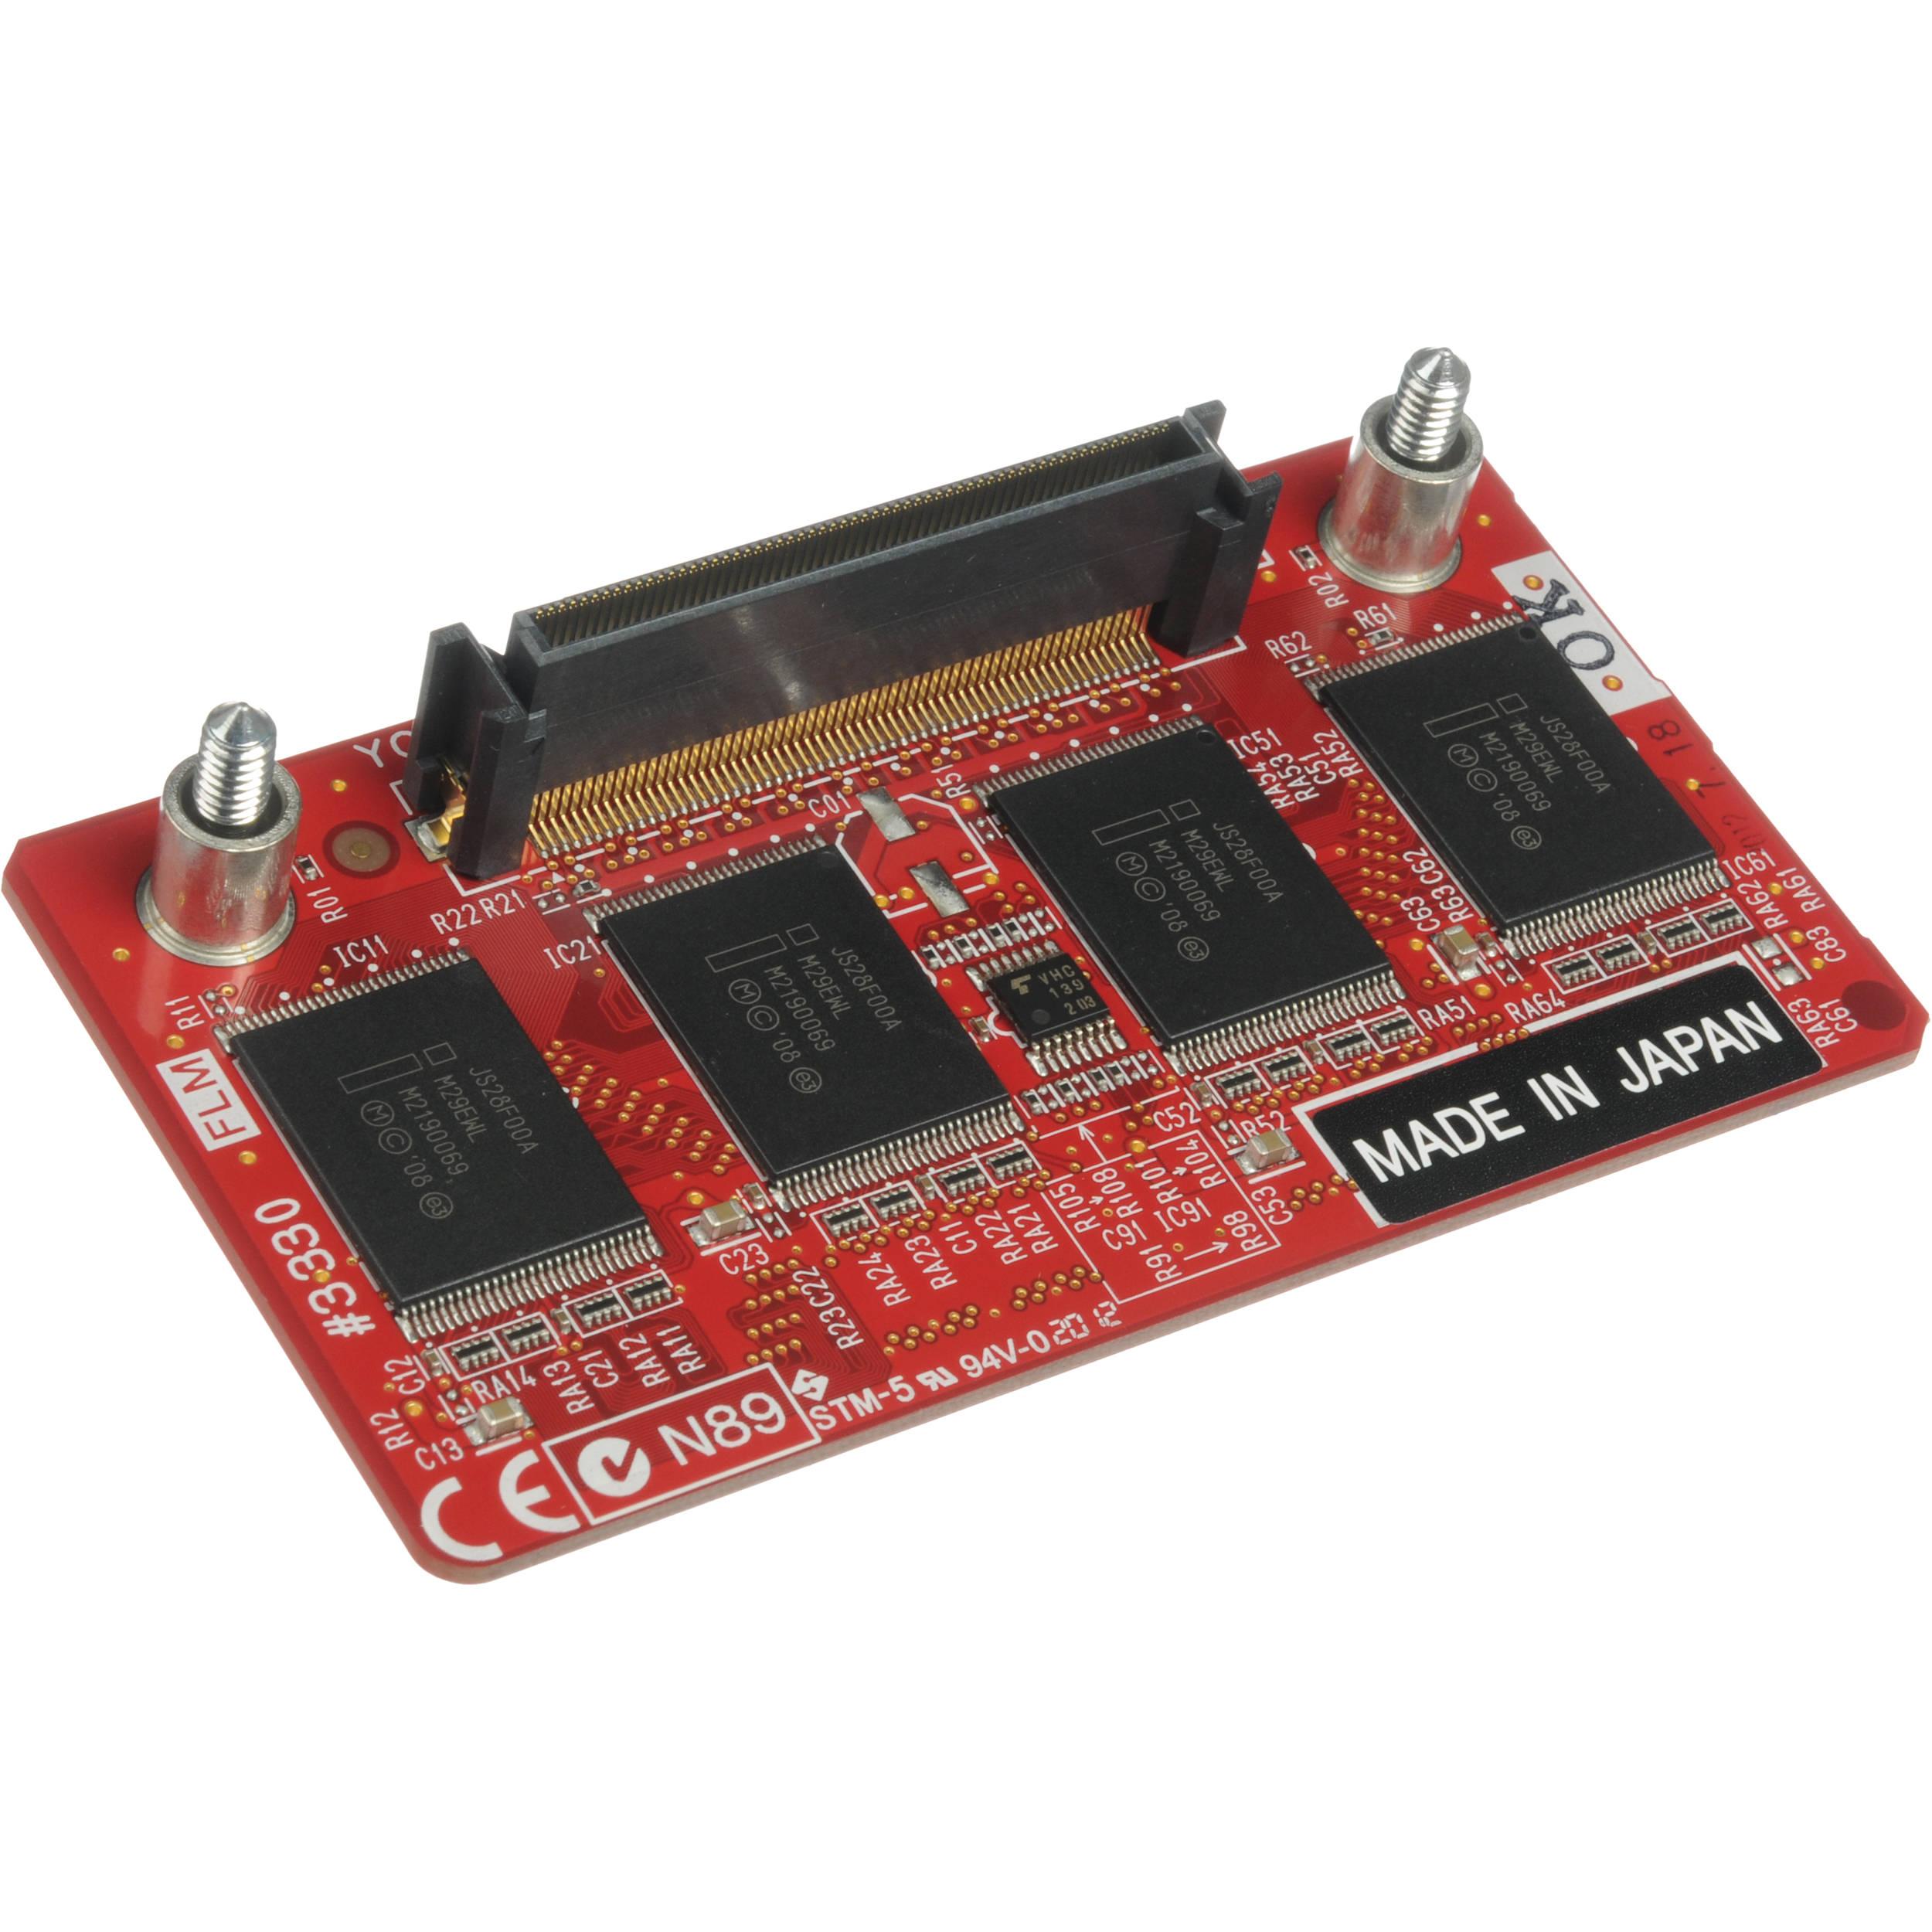 FL512M 512MB Flash Memory Expansion